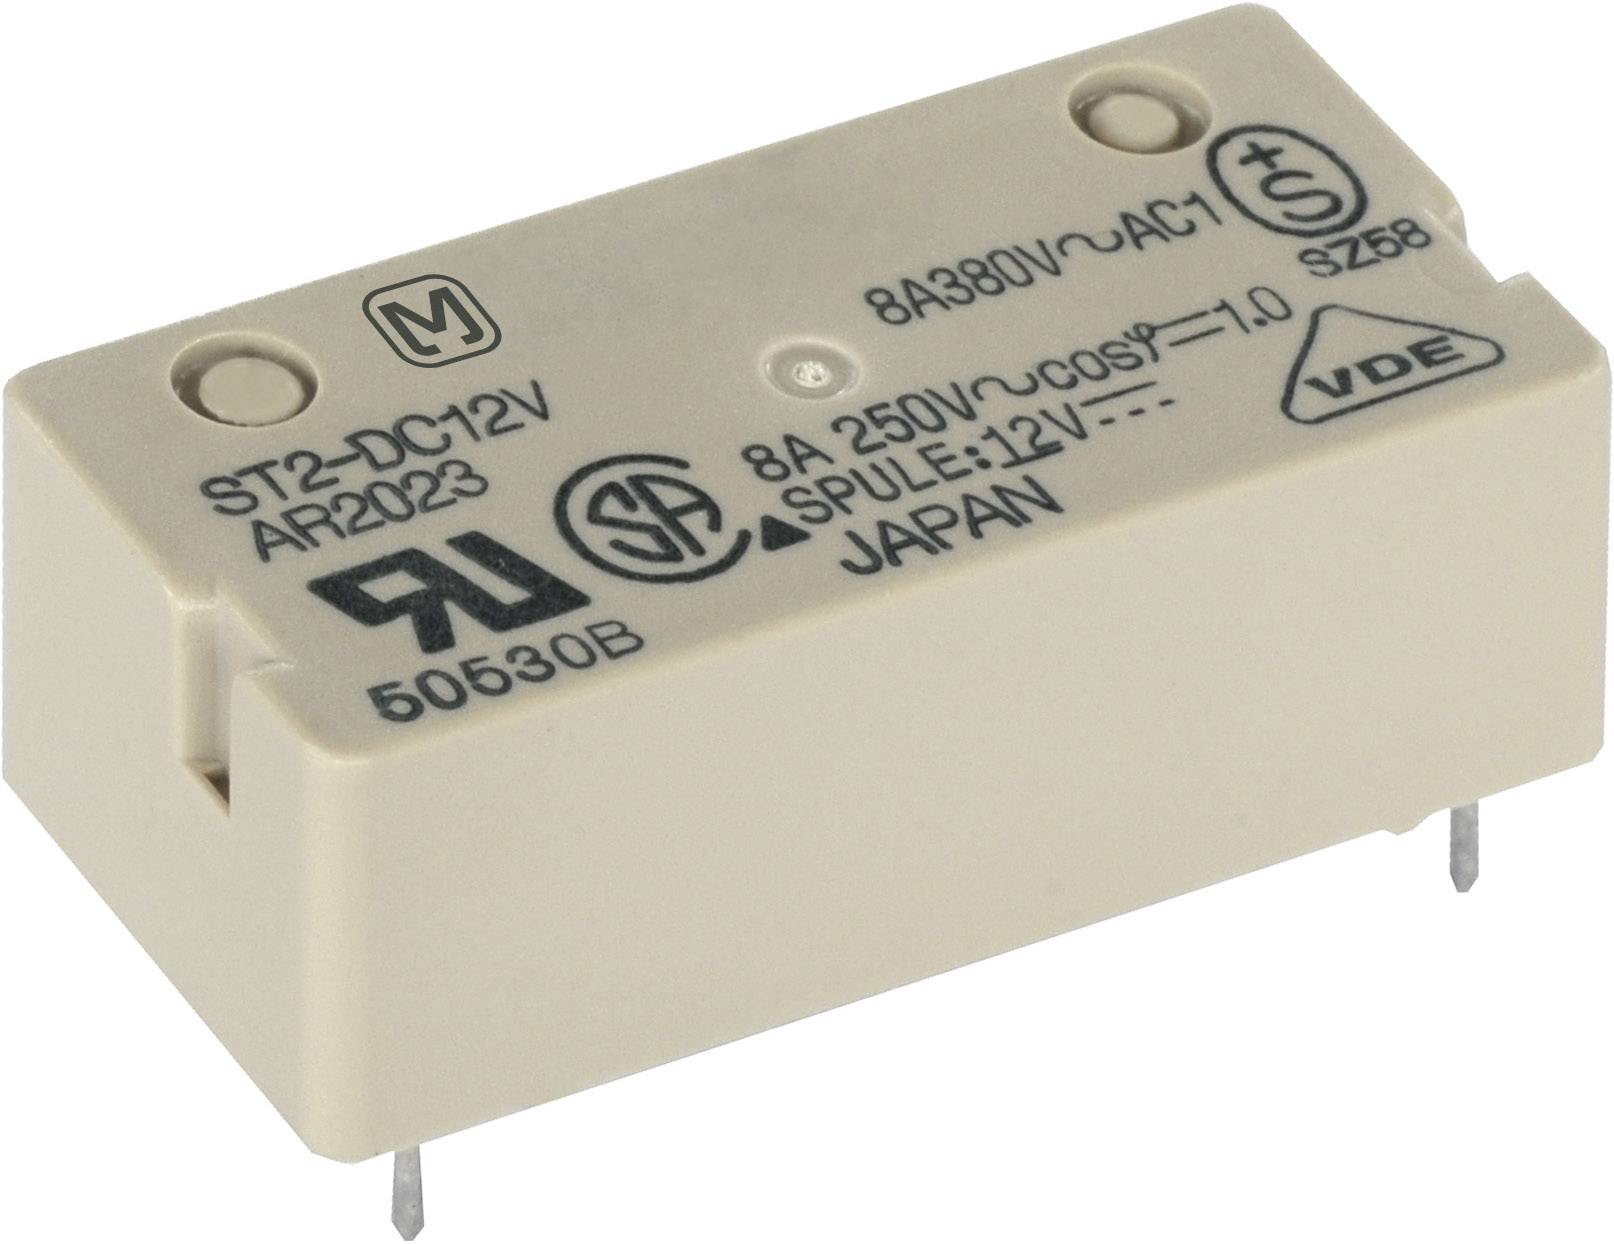 Výkonové relé ST 8 A, Print Panasonic ST212F, ST212F, 240 mW, 8 A , 250 V/DC/380 V/AC 2000 VA/150 W